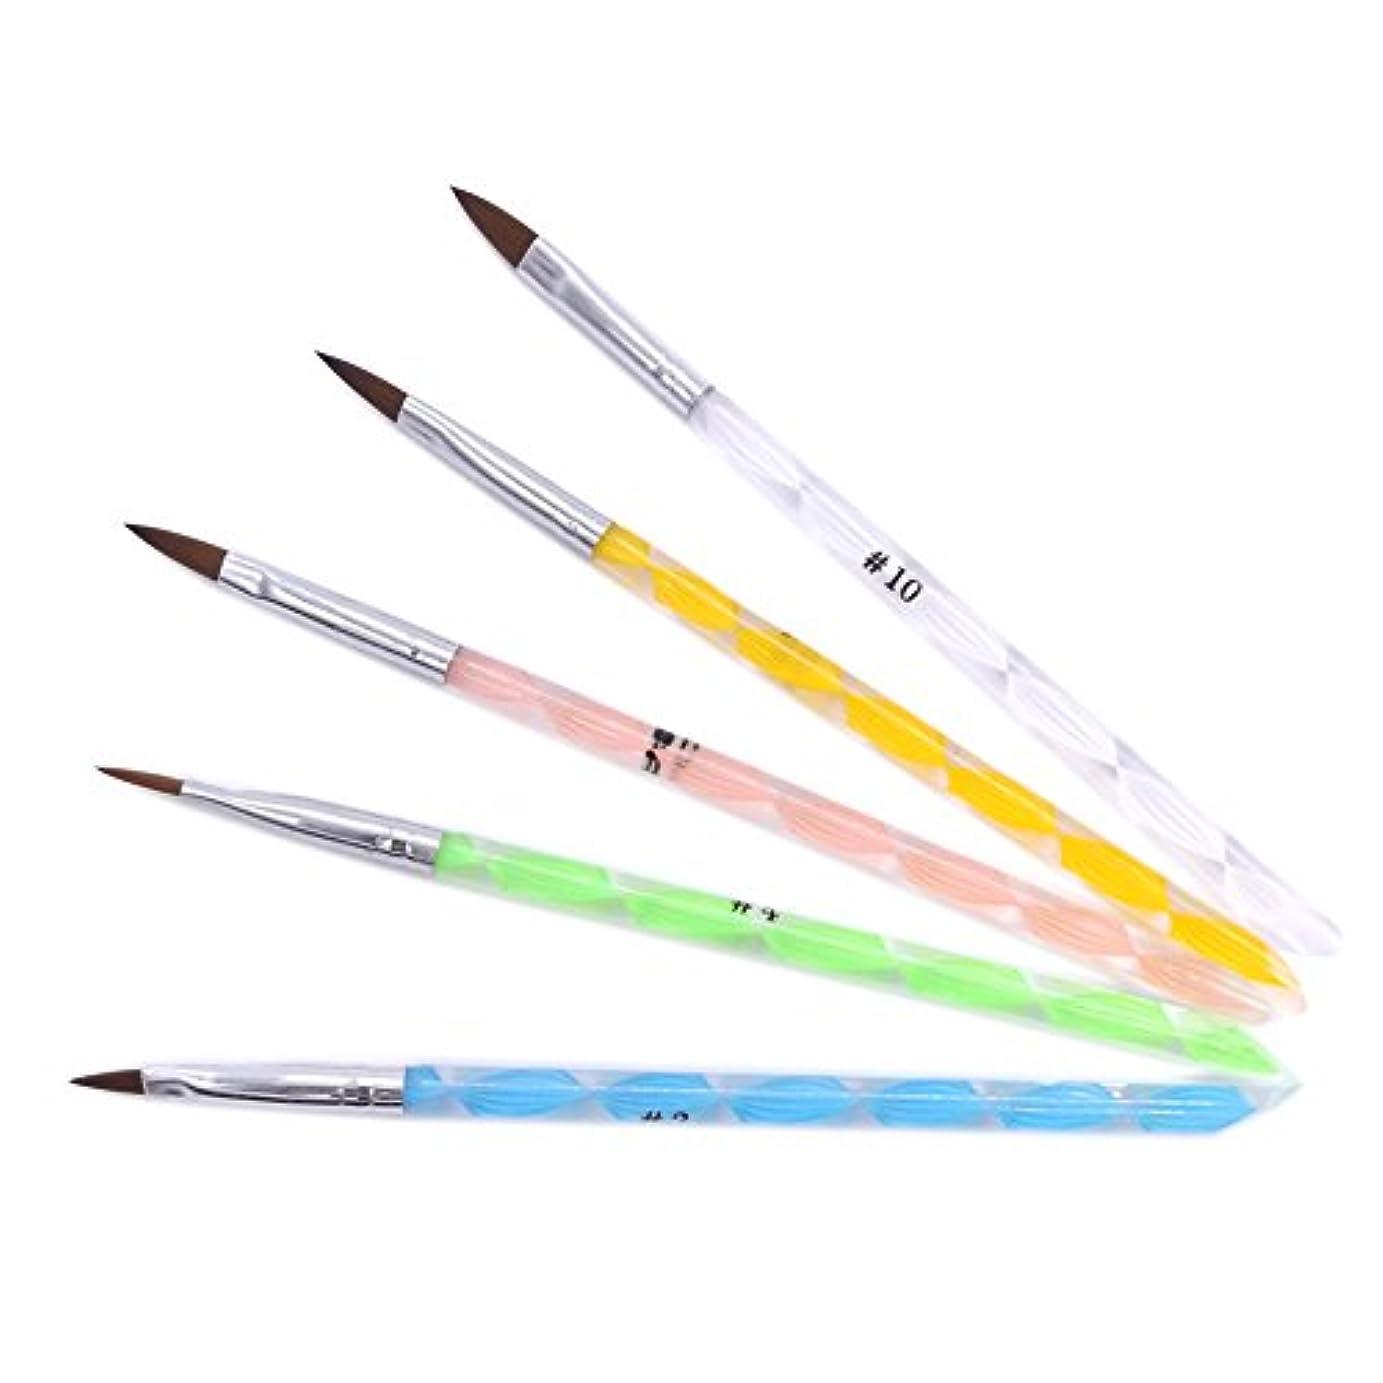 成熟したディンカルビルコミット(ウォームガール)Warm Girl ネイルアート アクリル用ブラシ ドットペン 5本セット ネイルデザイン 人気なセット